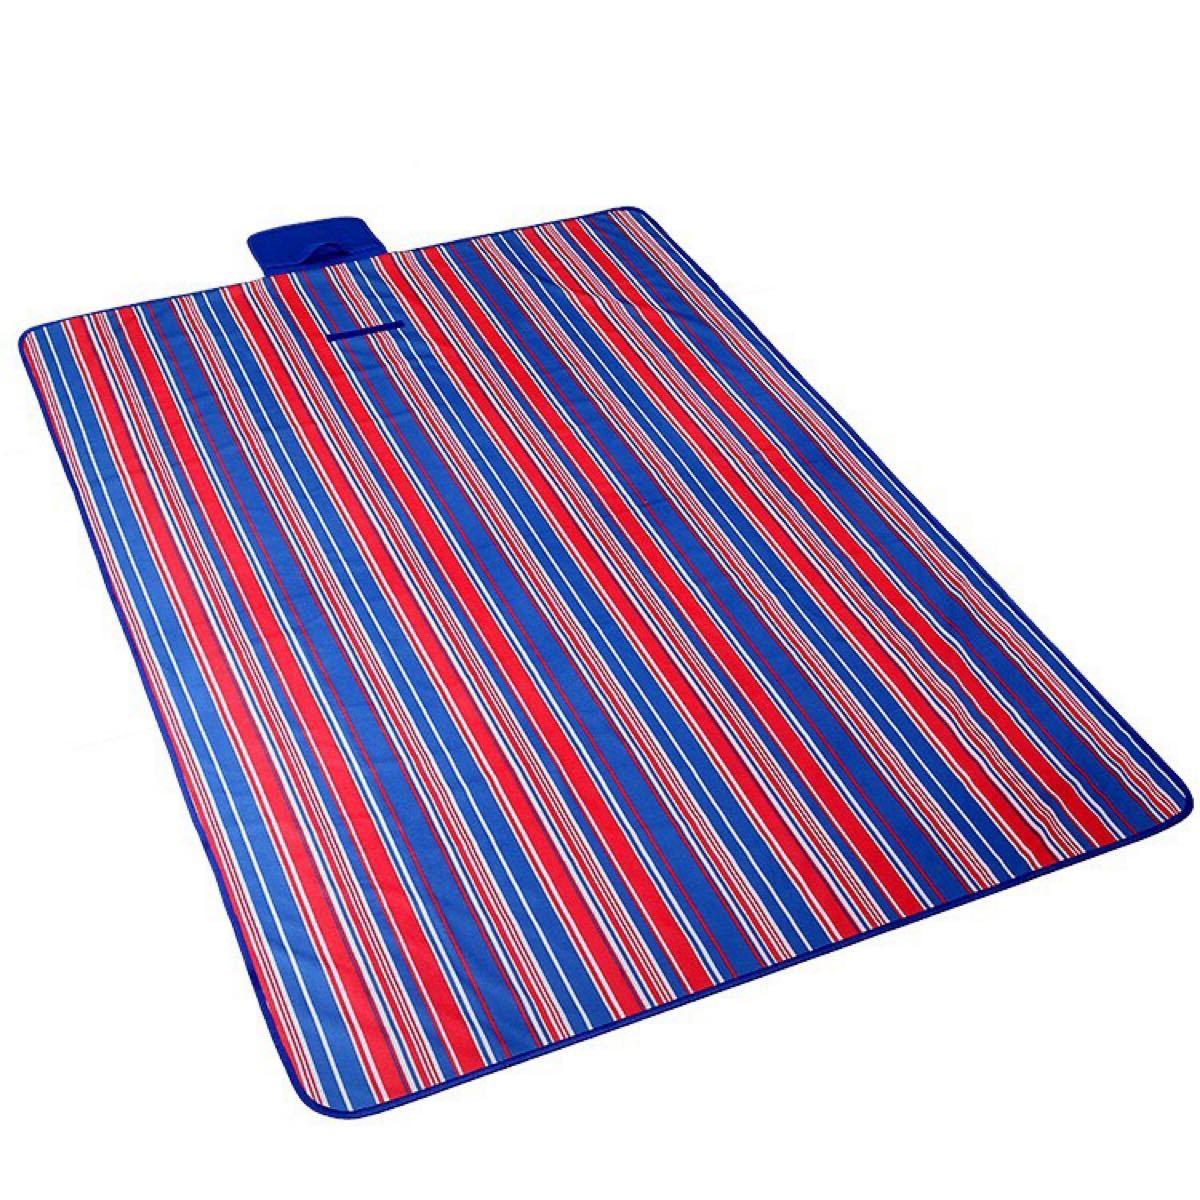 レジャーシート 厚手 200×200 大判 防水 おしゃれ 遠足運動会 キャンプ アウトドア 折り畳み 洗える ストライプ